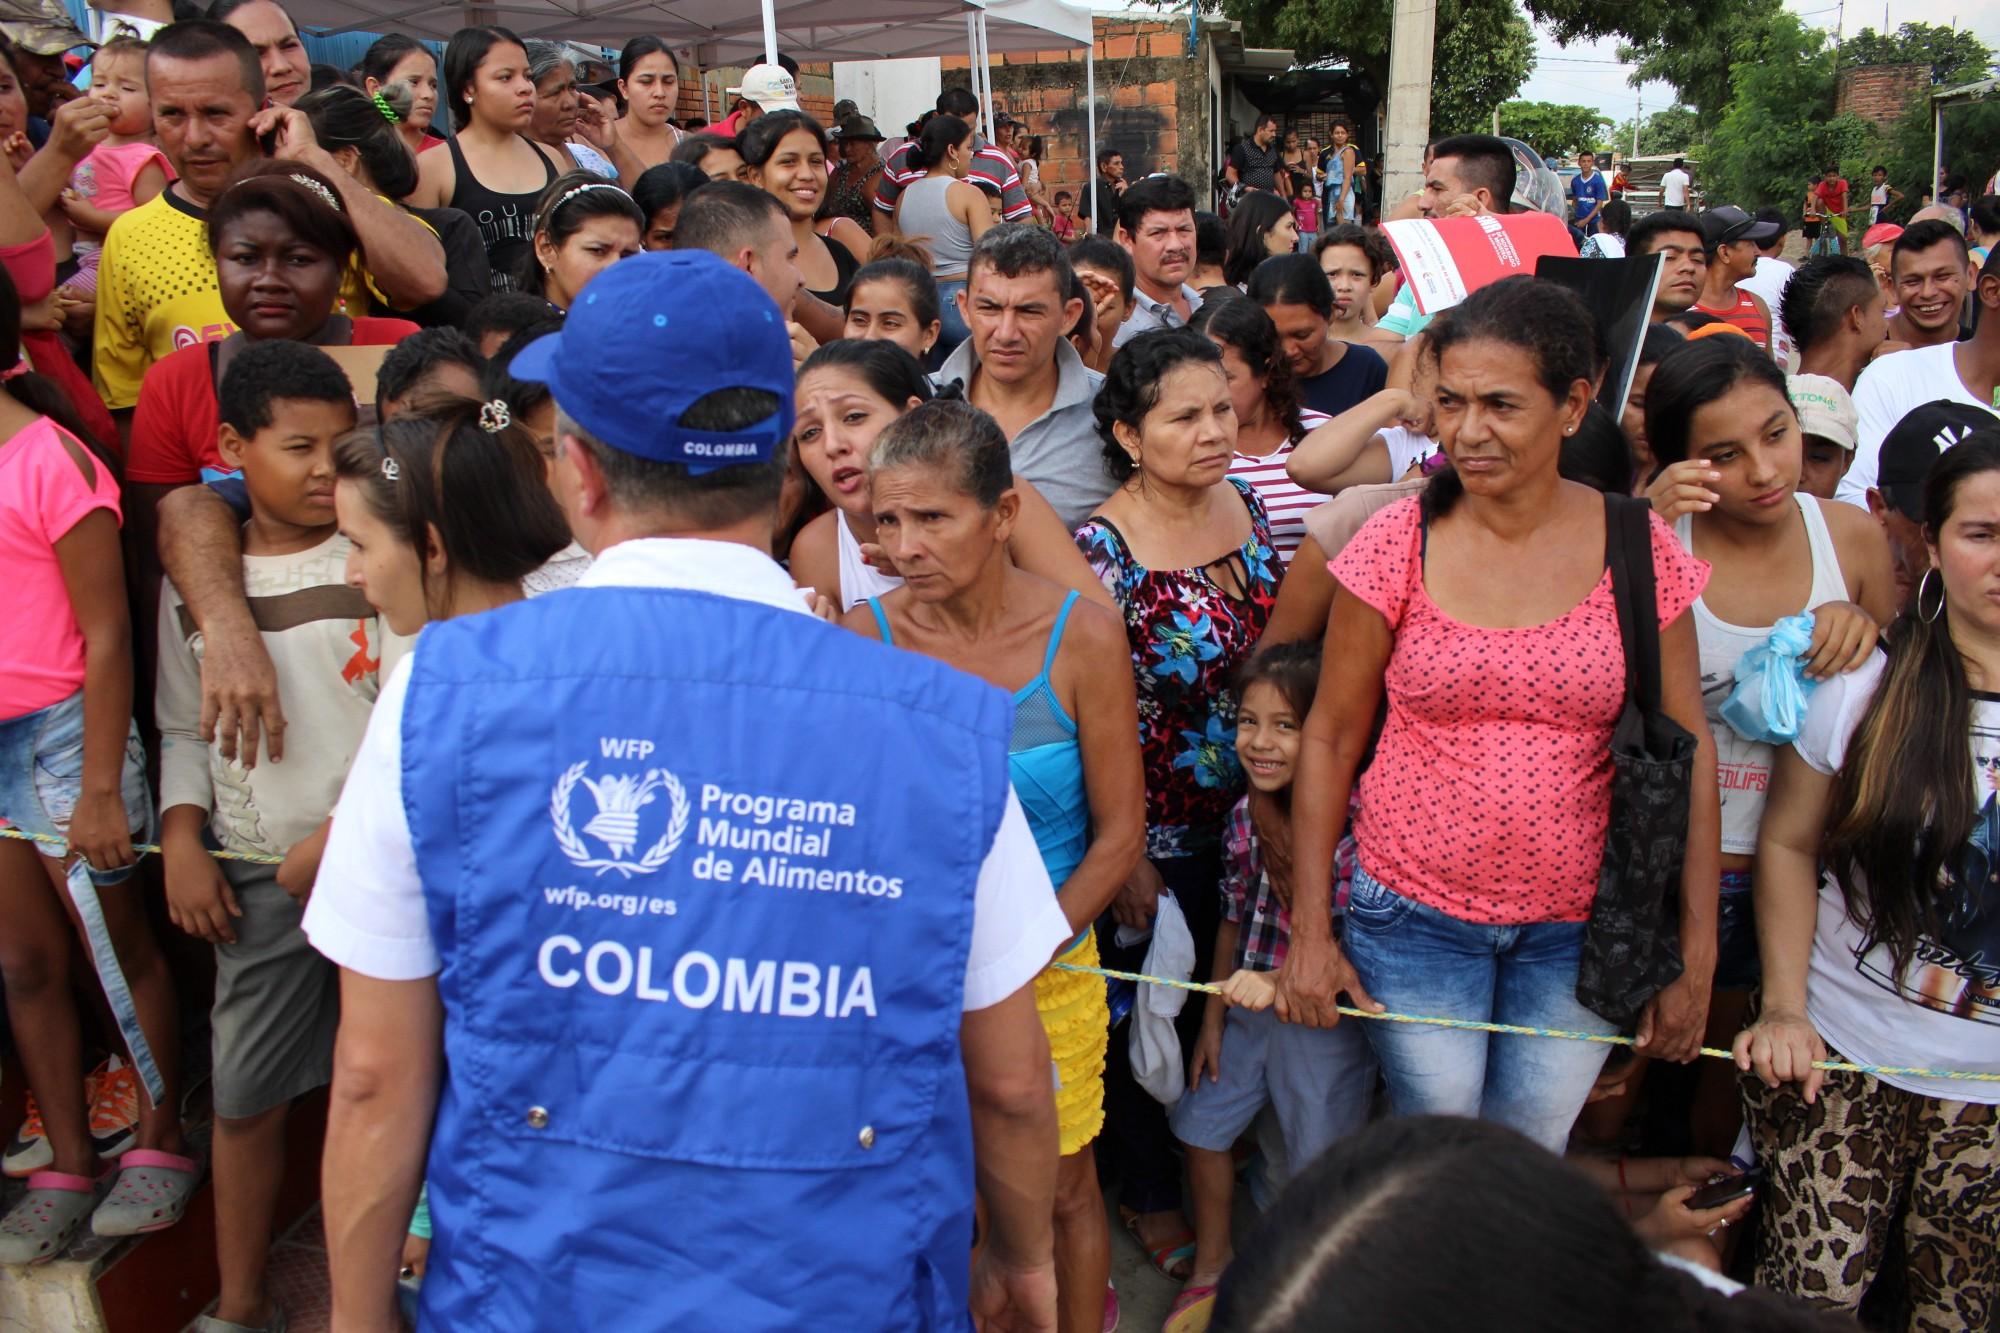 Venezuelan Migrant Crisis 2